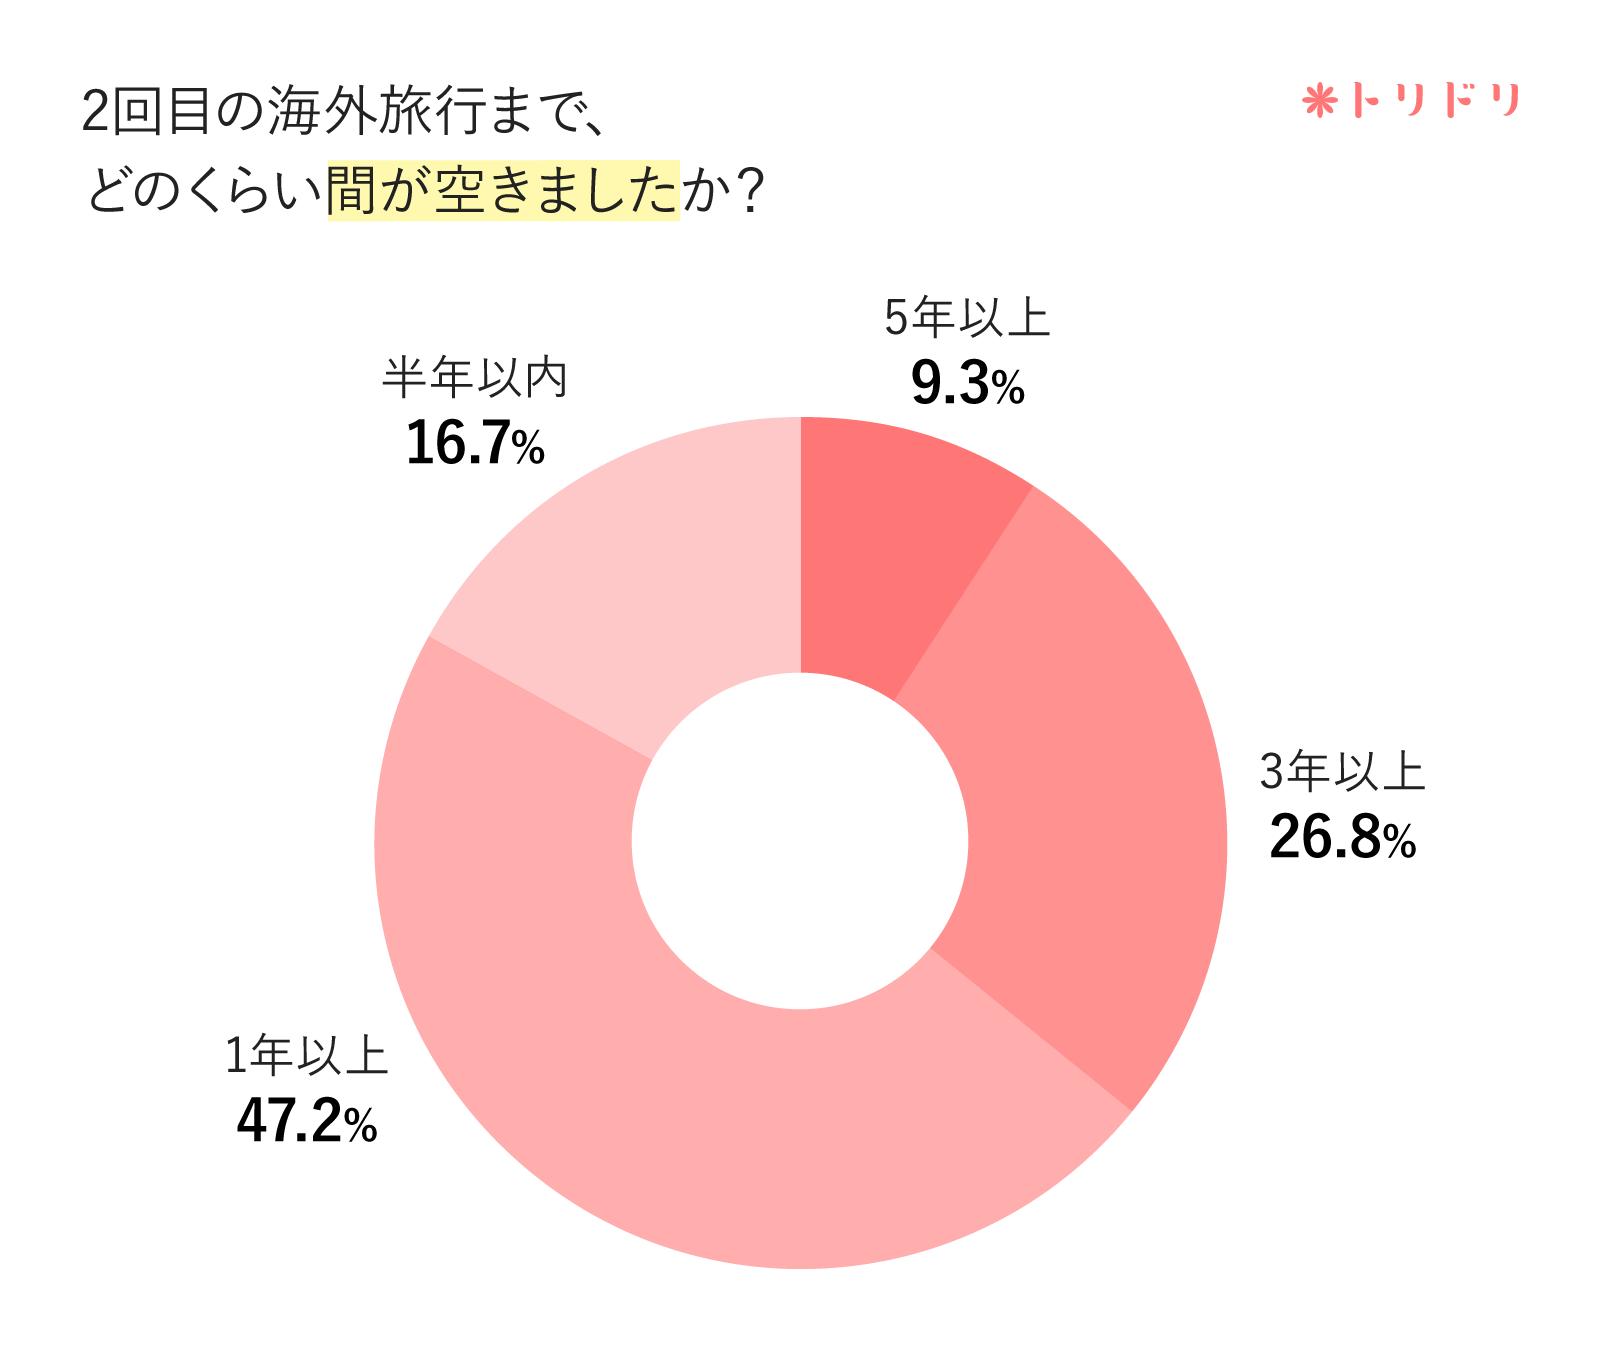 アンケートのグラフ:2回目の海外旅行まで、どのくらい間が空きましたか?